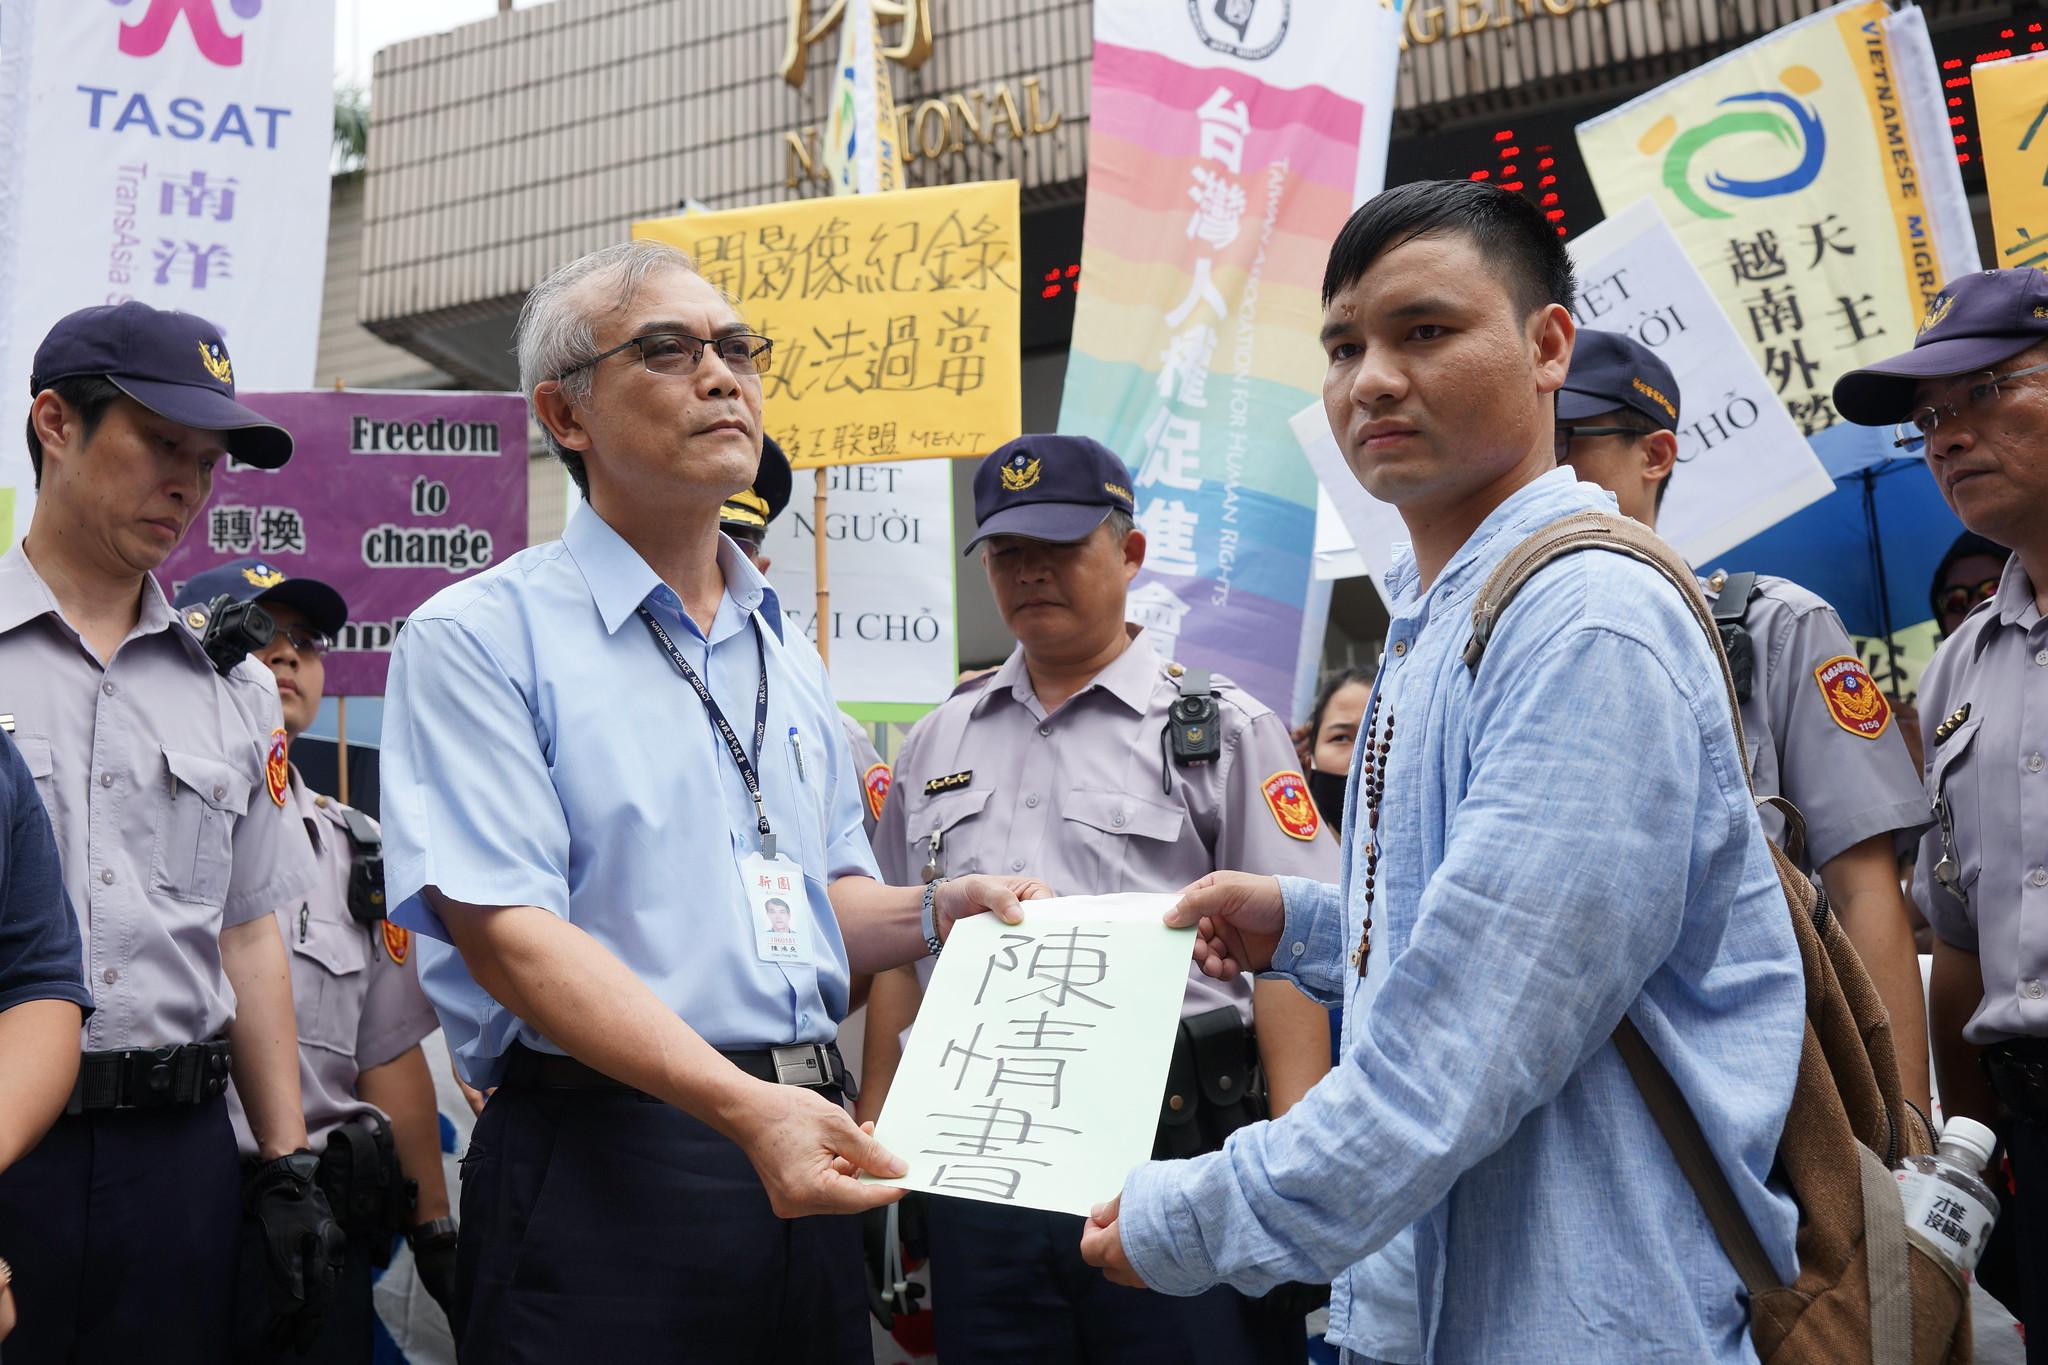 移工团体将陈情书交予警政署。(摄影:王颢中)